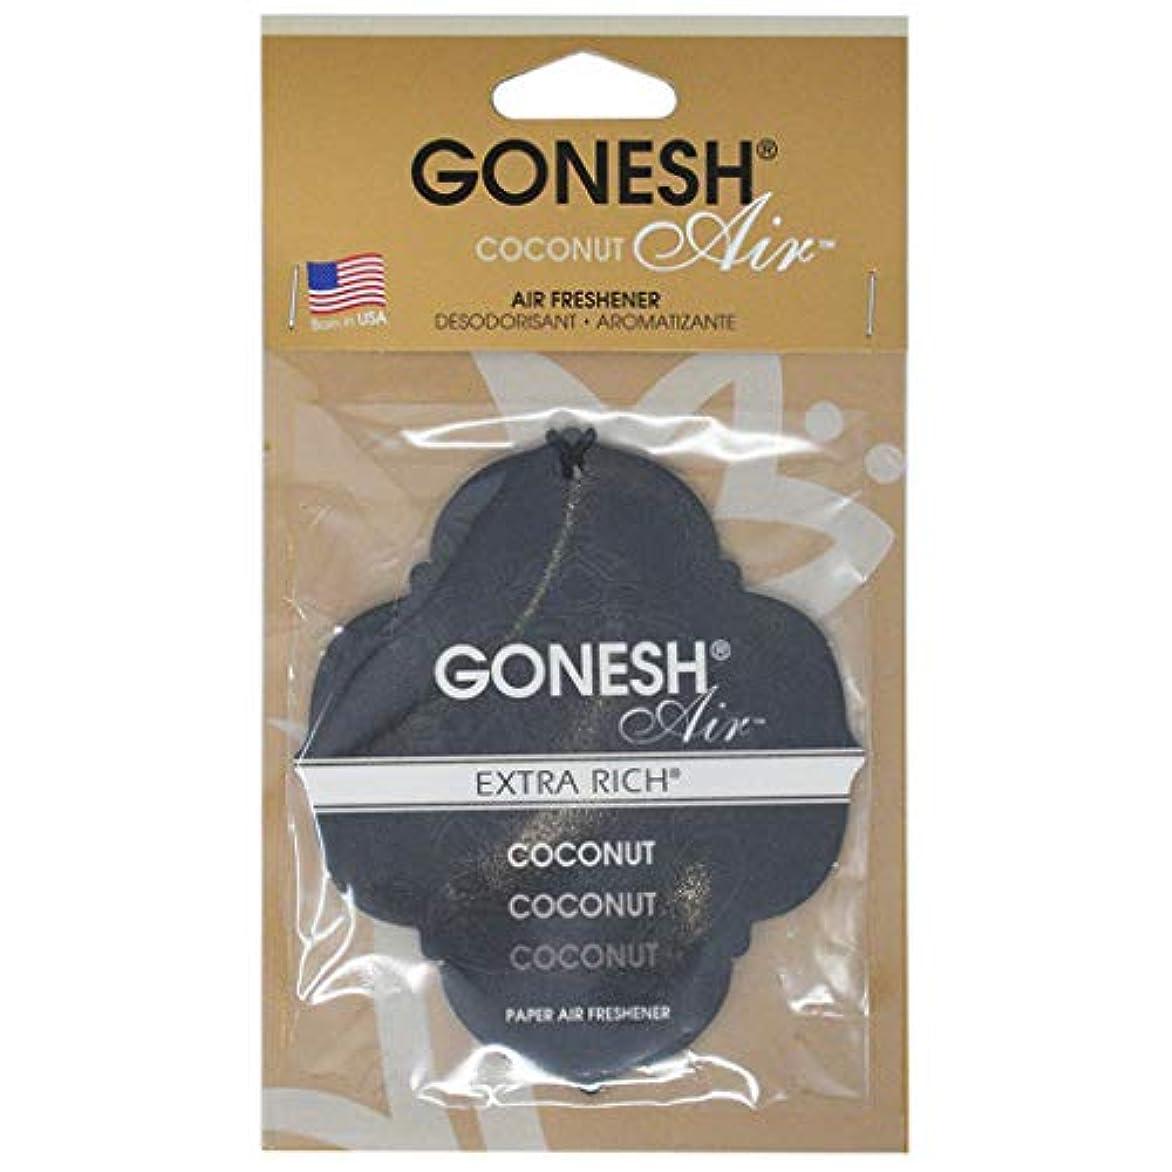 合理化発見する光沢のあるGONESH(ガーネッシュ) GONESHペ-パ-エアフレッシュナ-Coconut 96mm×3mm×170mm